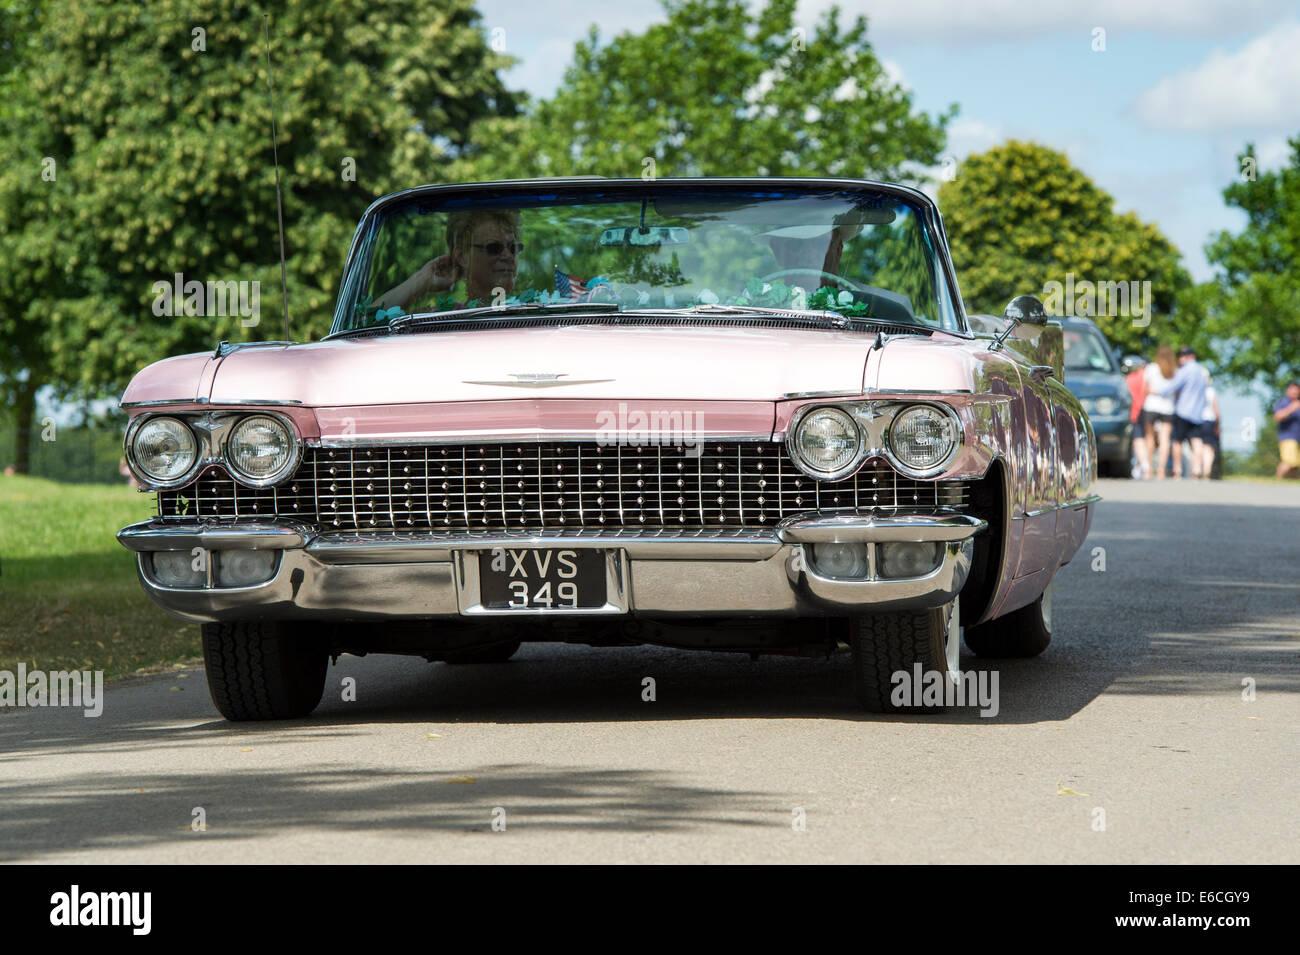 Car Show Uk Stock Photos & Car Show Uk Stock Images - Alamy